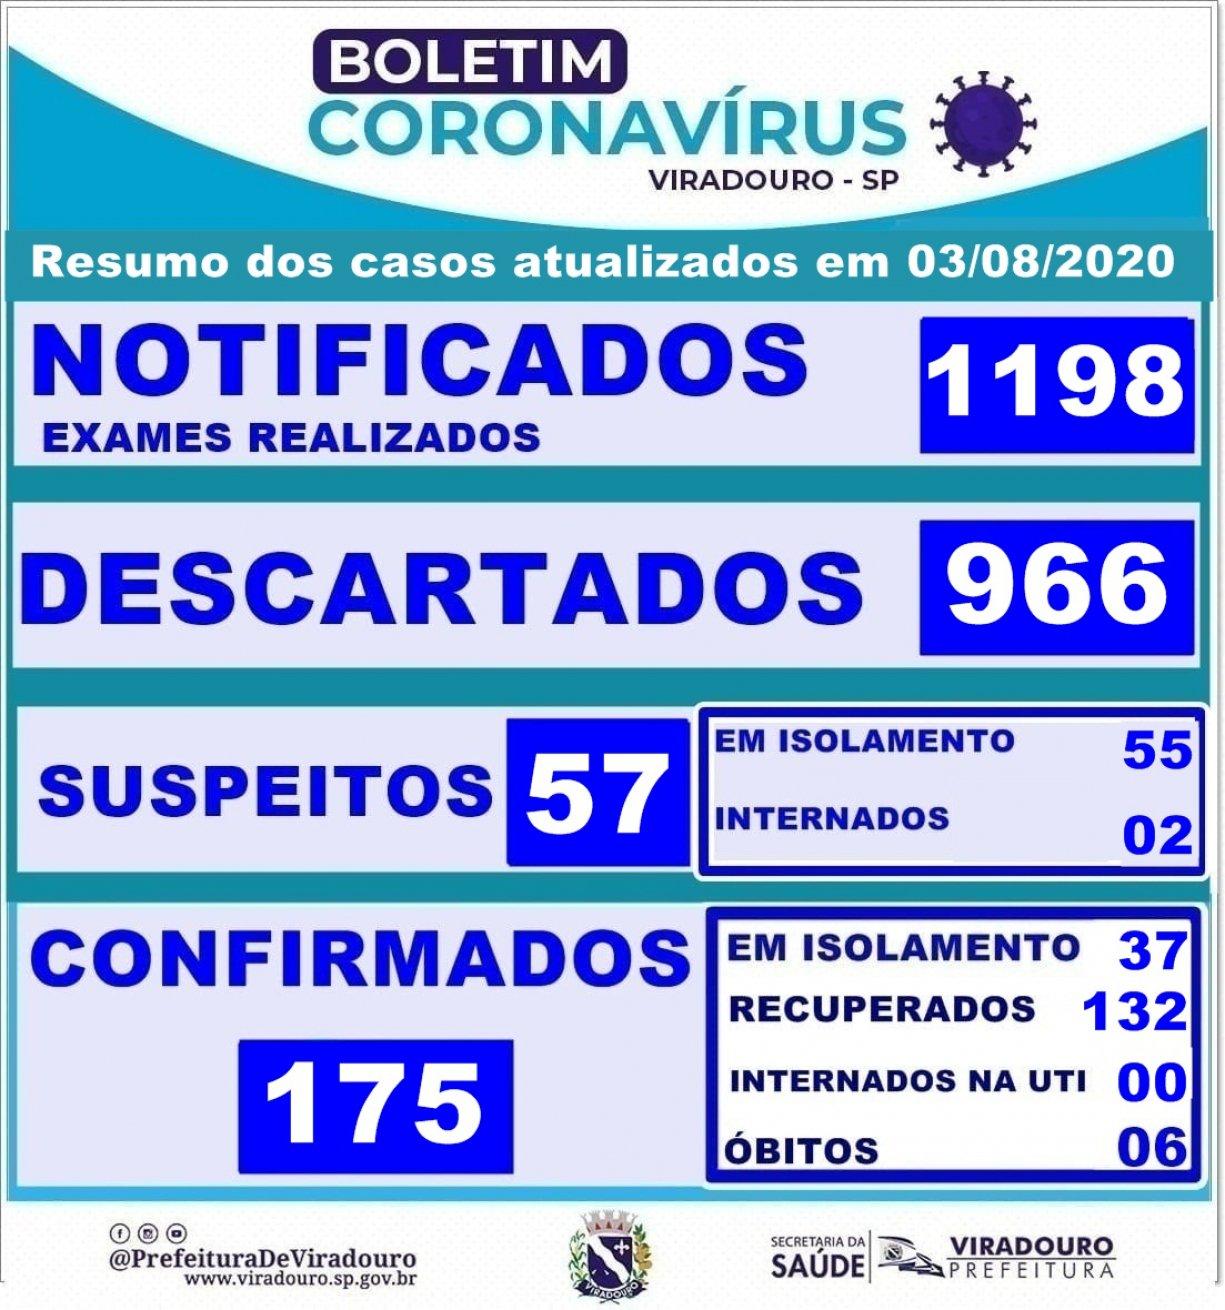 Boletim Epidemiológico Viradouro (Atualização 03/08/2020)